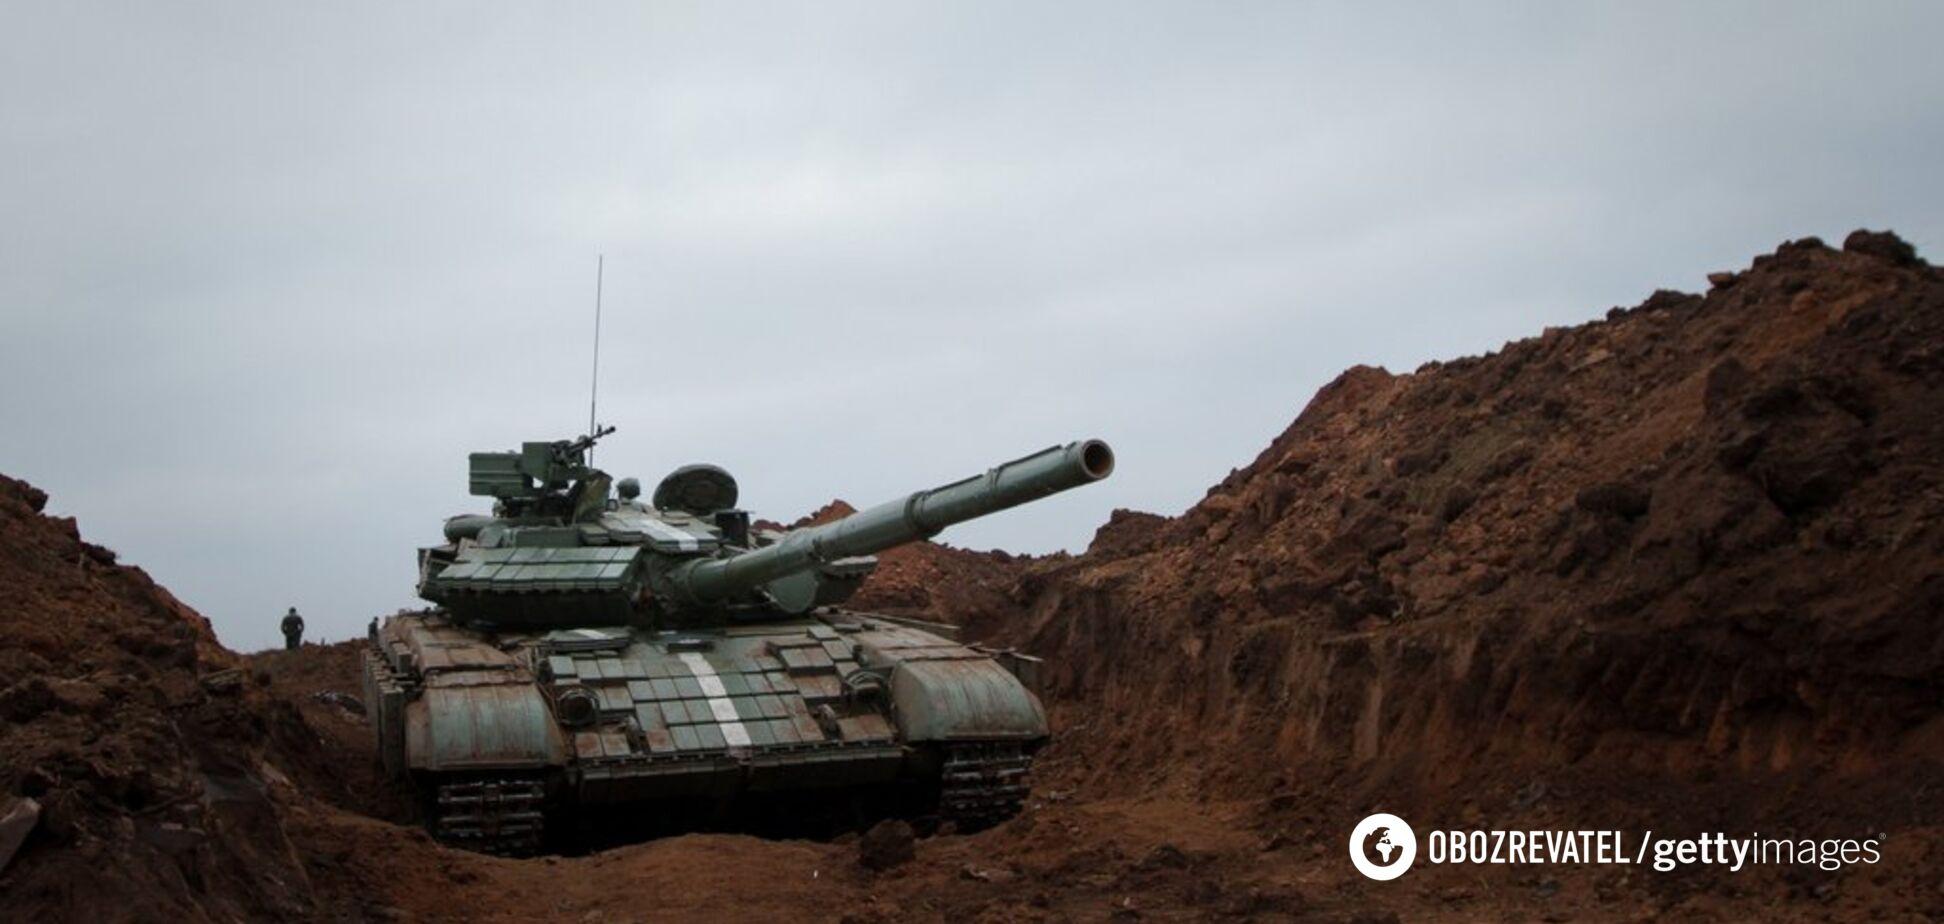 Залізні факти: стало відомо, хто перекидав танки на Донбас. Фото